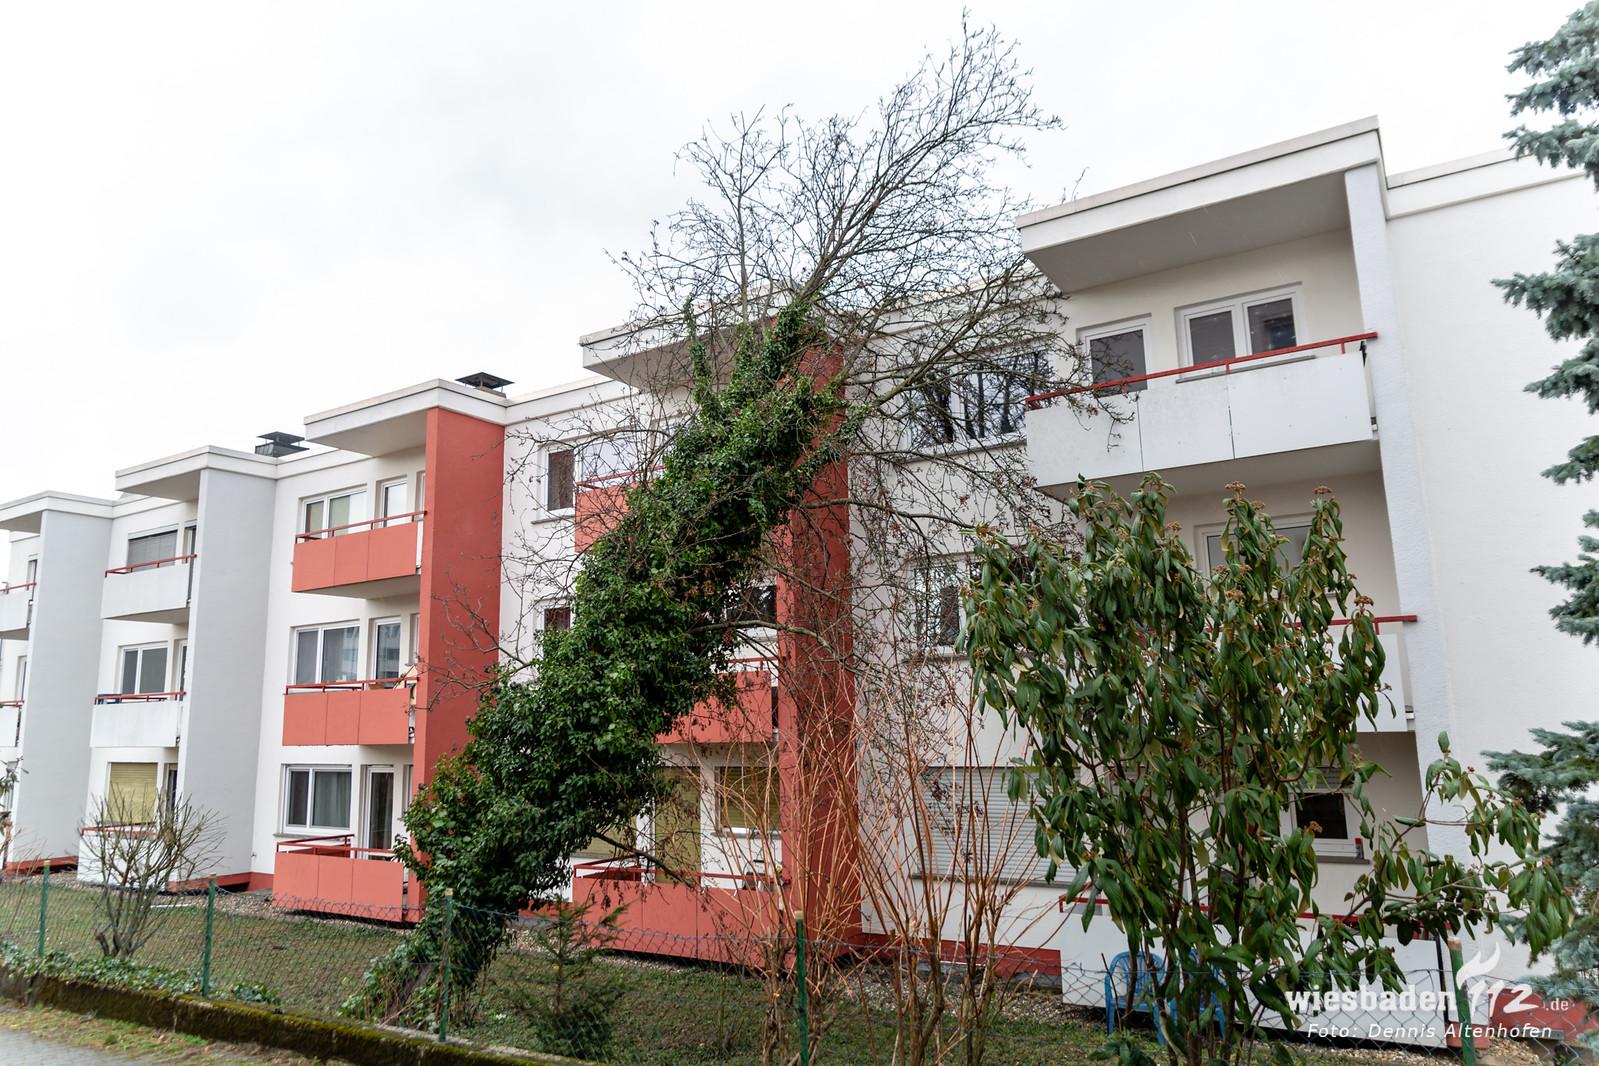 Baum stürzt gegen Hauswand in Wiesbaden 04.03.19